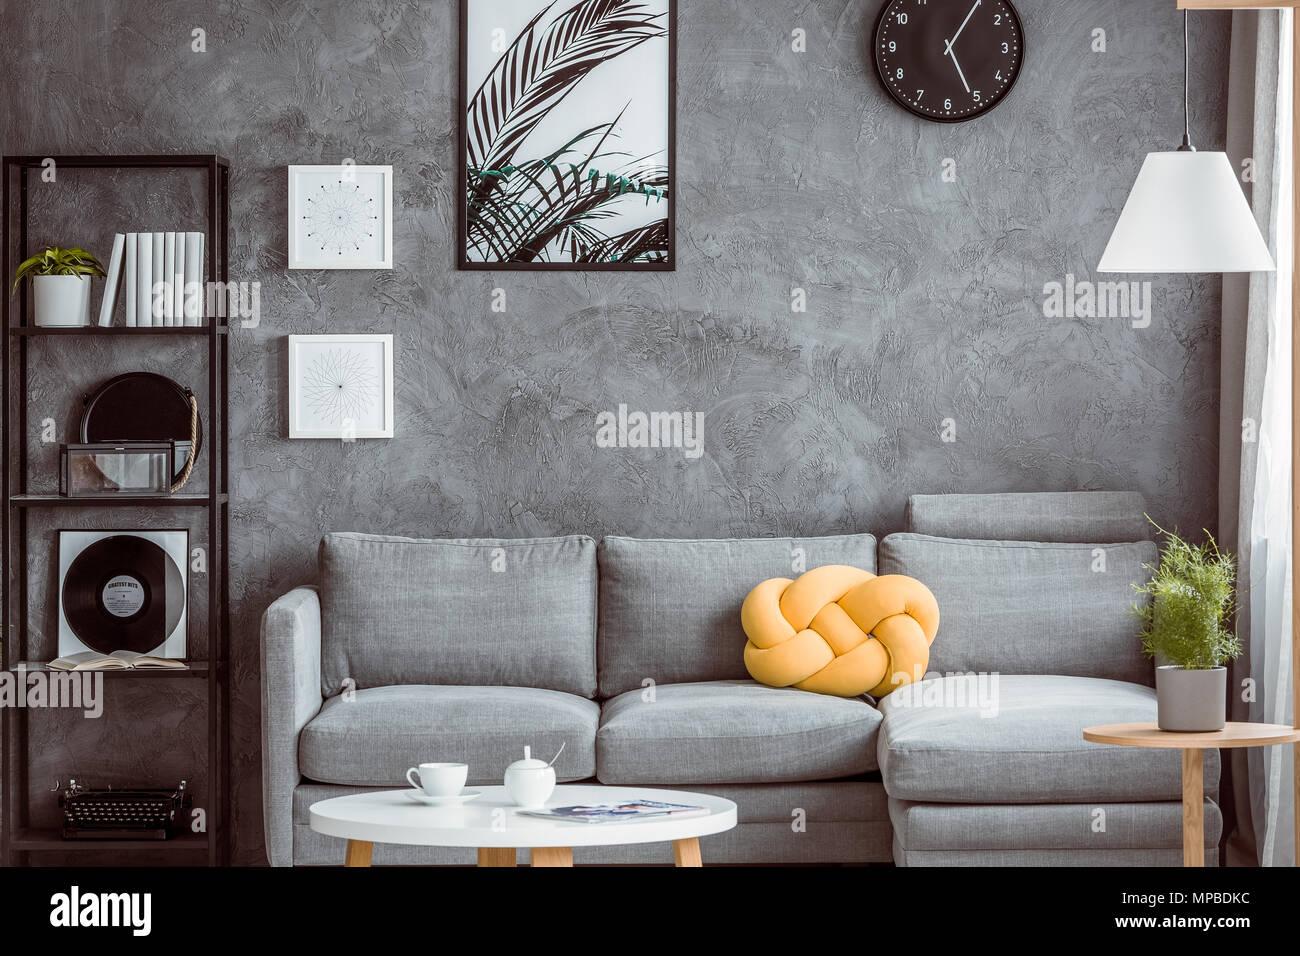 Nodo giallo cuscino sul divano grigio in soggiorno con tavolino da caff e ripiano nero con - Soggiorno con divano ...